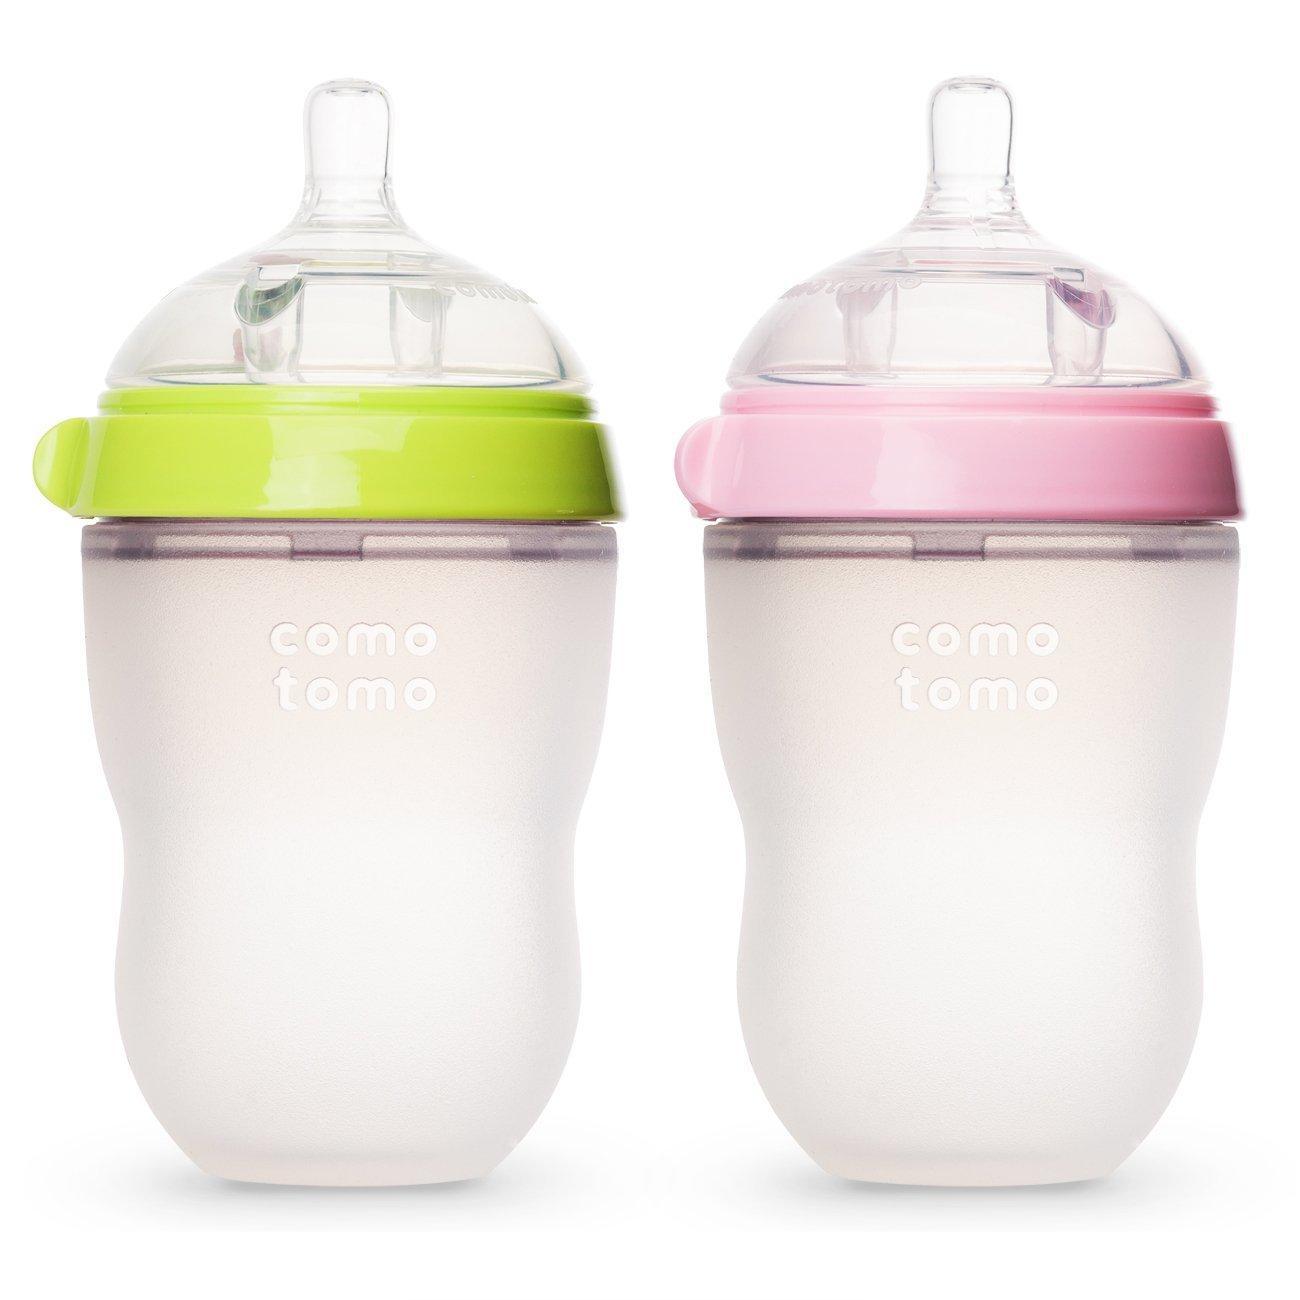 Bình sữa cho bé Como tomo 250ml